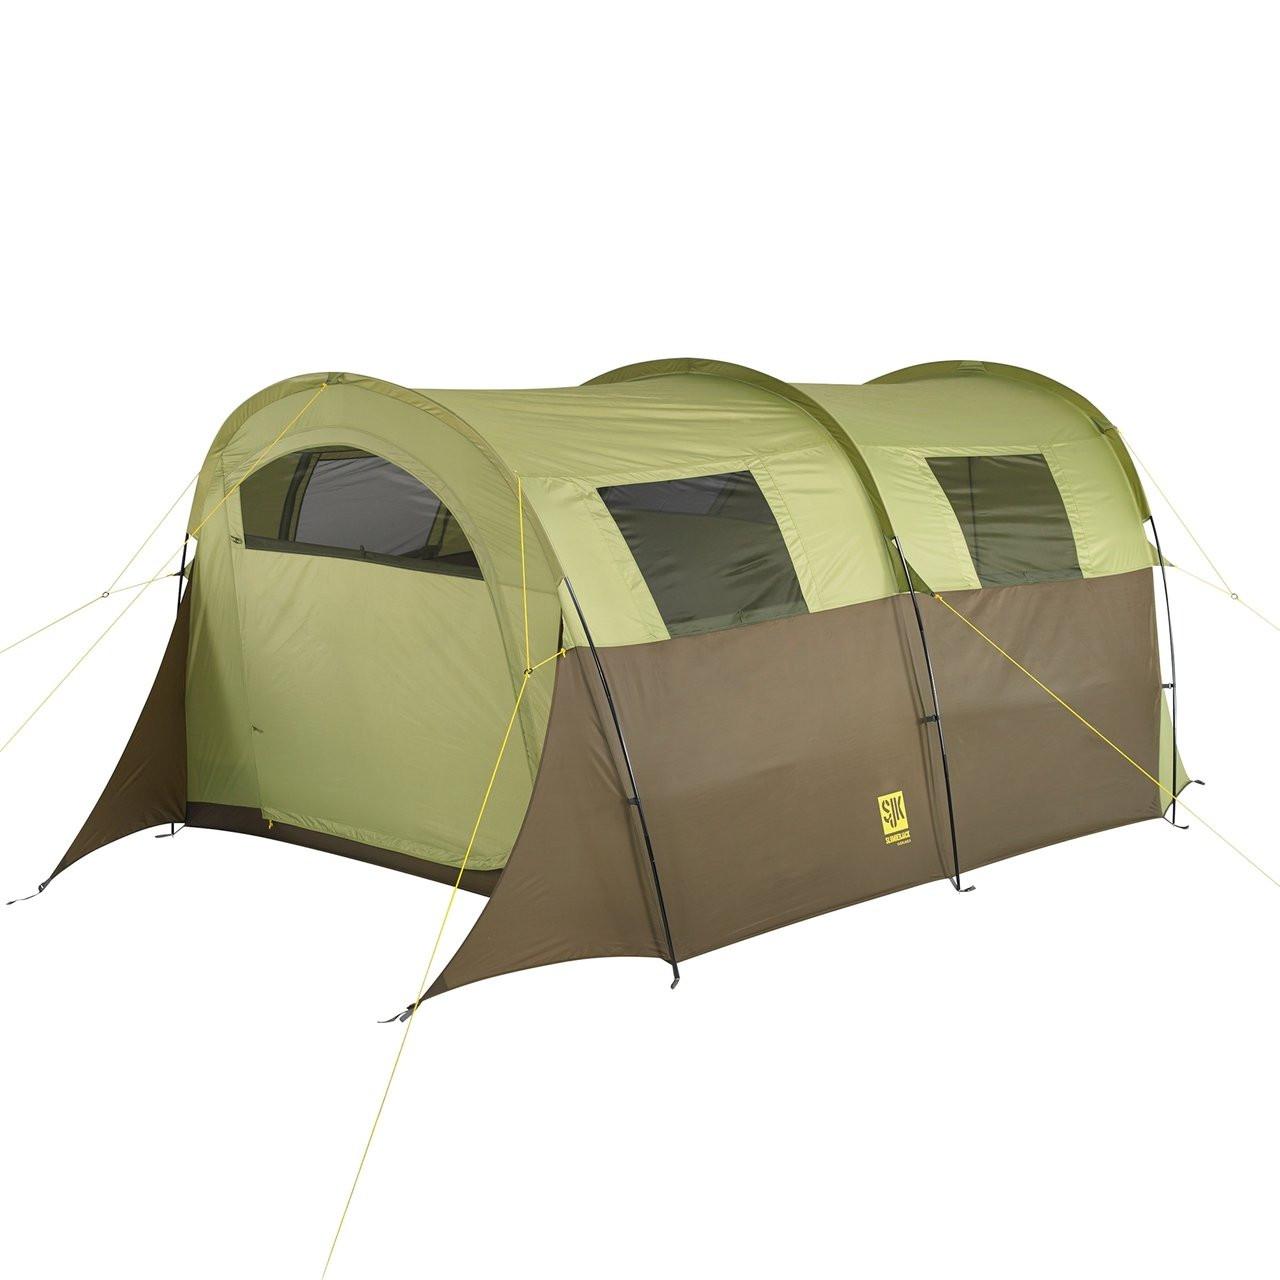 Image 1  sc 1 st  Slumberjack & Slumberjack Overland 8 Person Tent